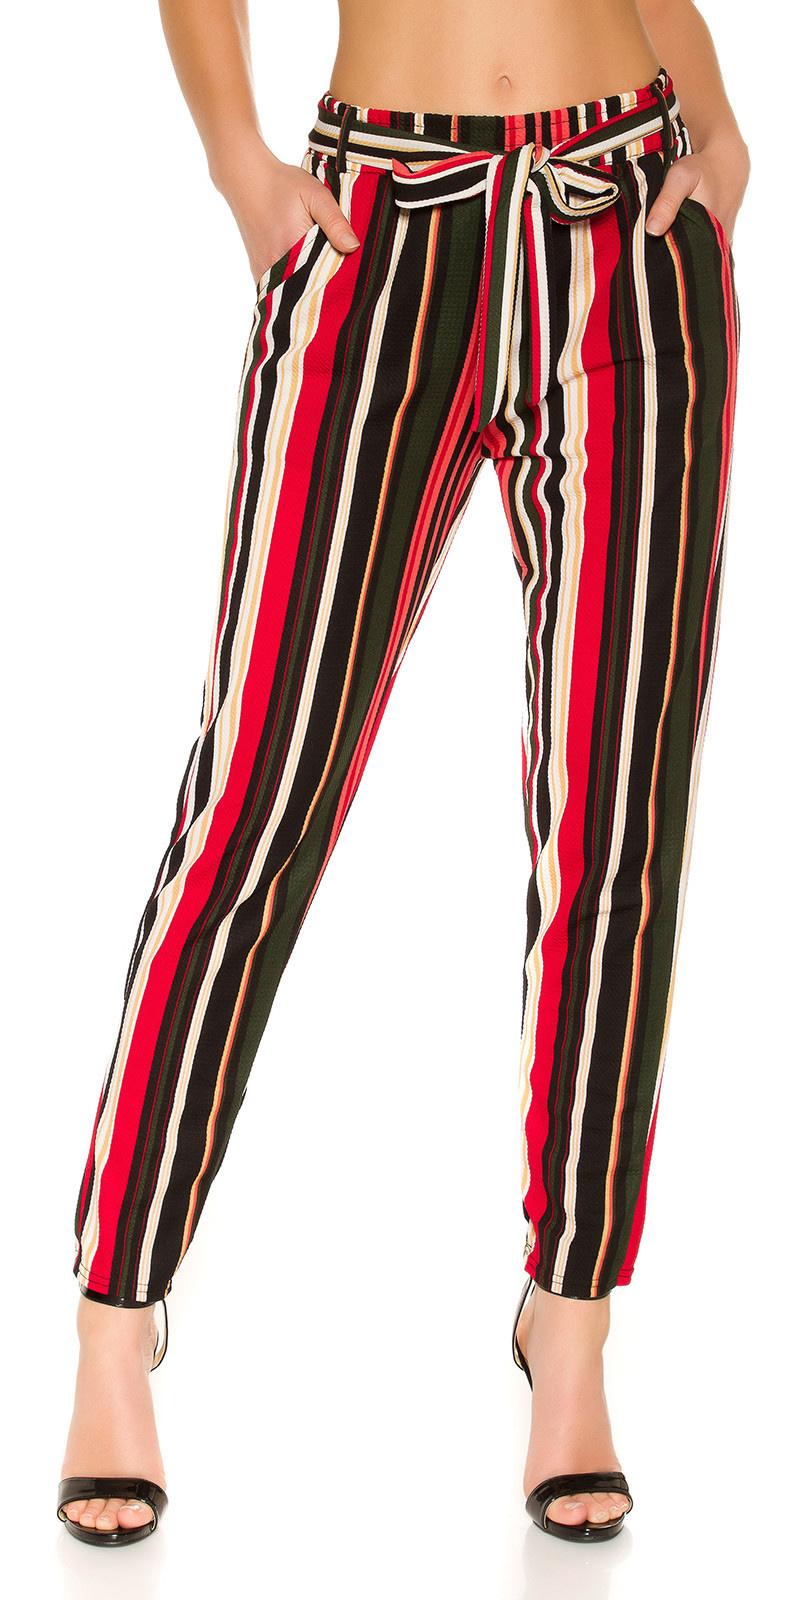 Trendy stoffen broek met riem rood